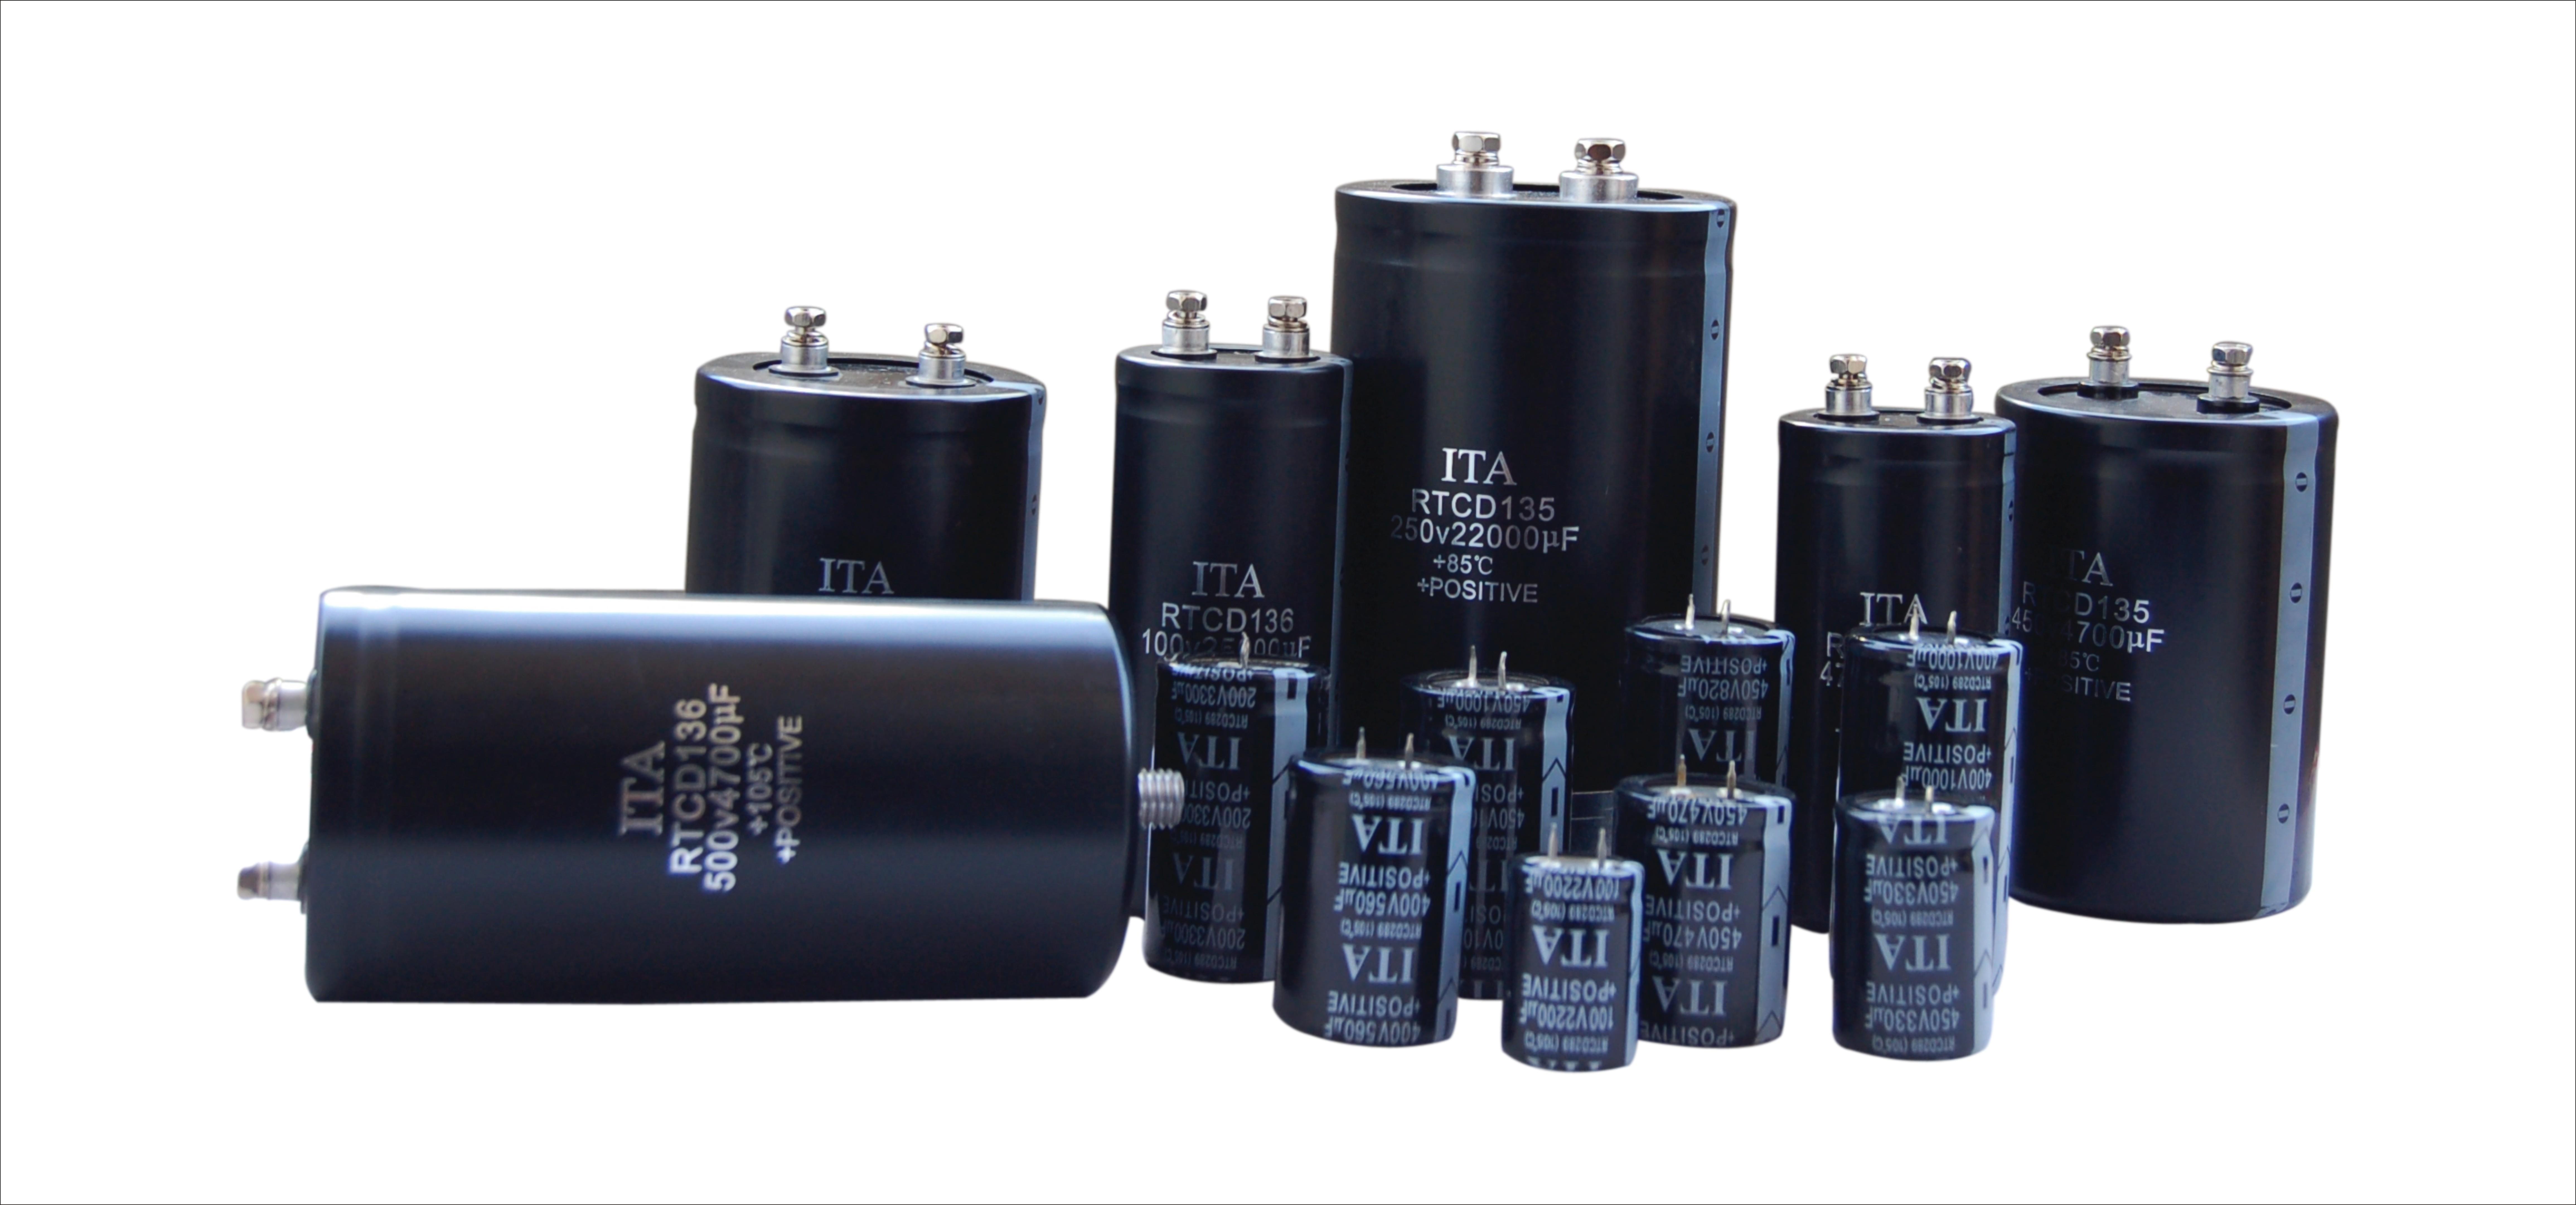 南山电容器厂家-南山电容器-电解电容生产厂家-螺栓电容器-牛角电解电容-日田电容器